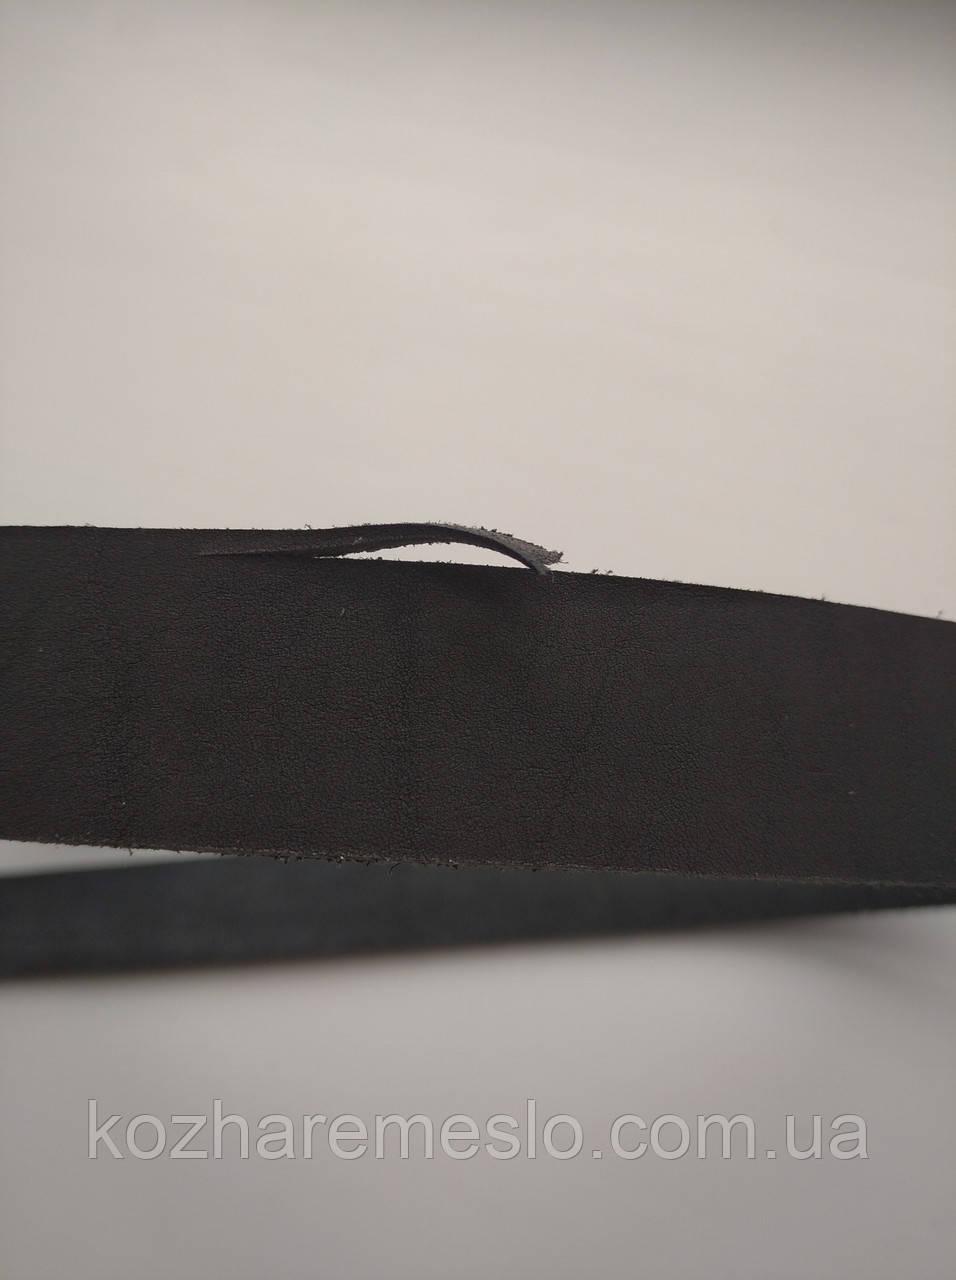 Ременная полоса из кожи хромового дубления КРАСТ 30 мм, толщина 3,6 - 4,0 мм (УКРАИНА) чёрный